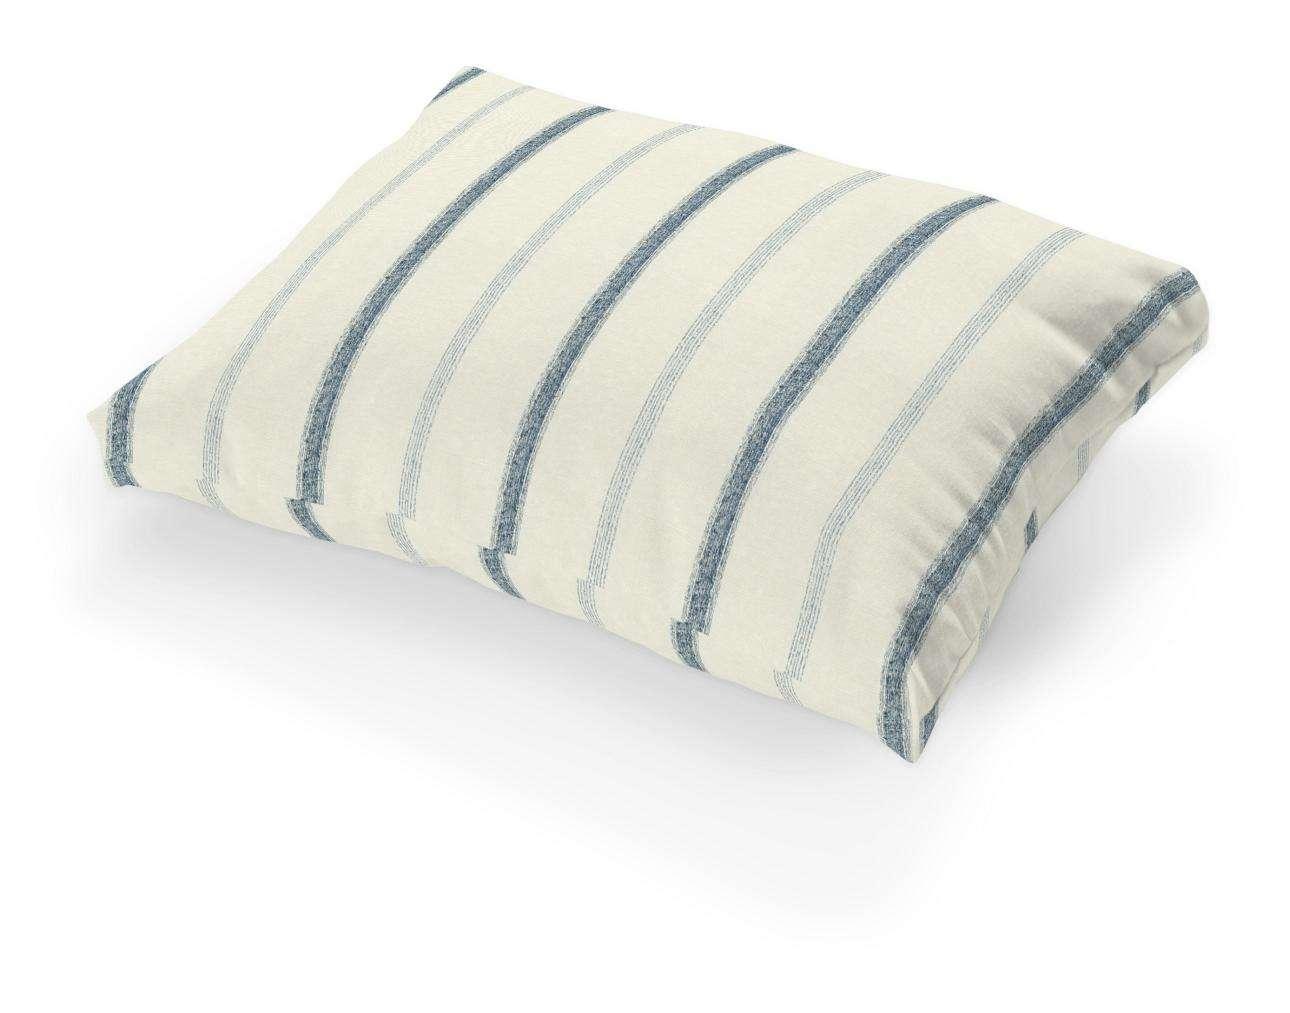 Tylösand pagalvėlės užvalkalas Tylösand pagalvėlė kolekcijoje Avinon, audinys: 129-66